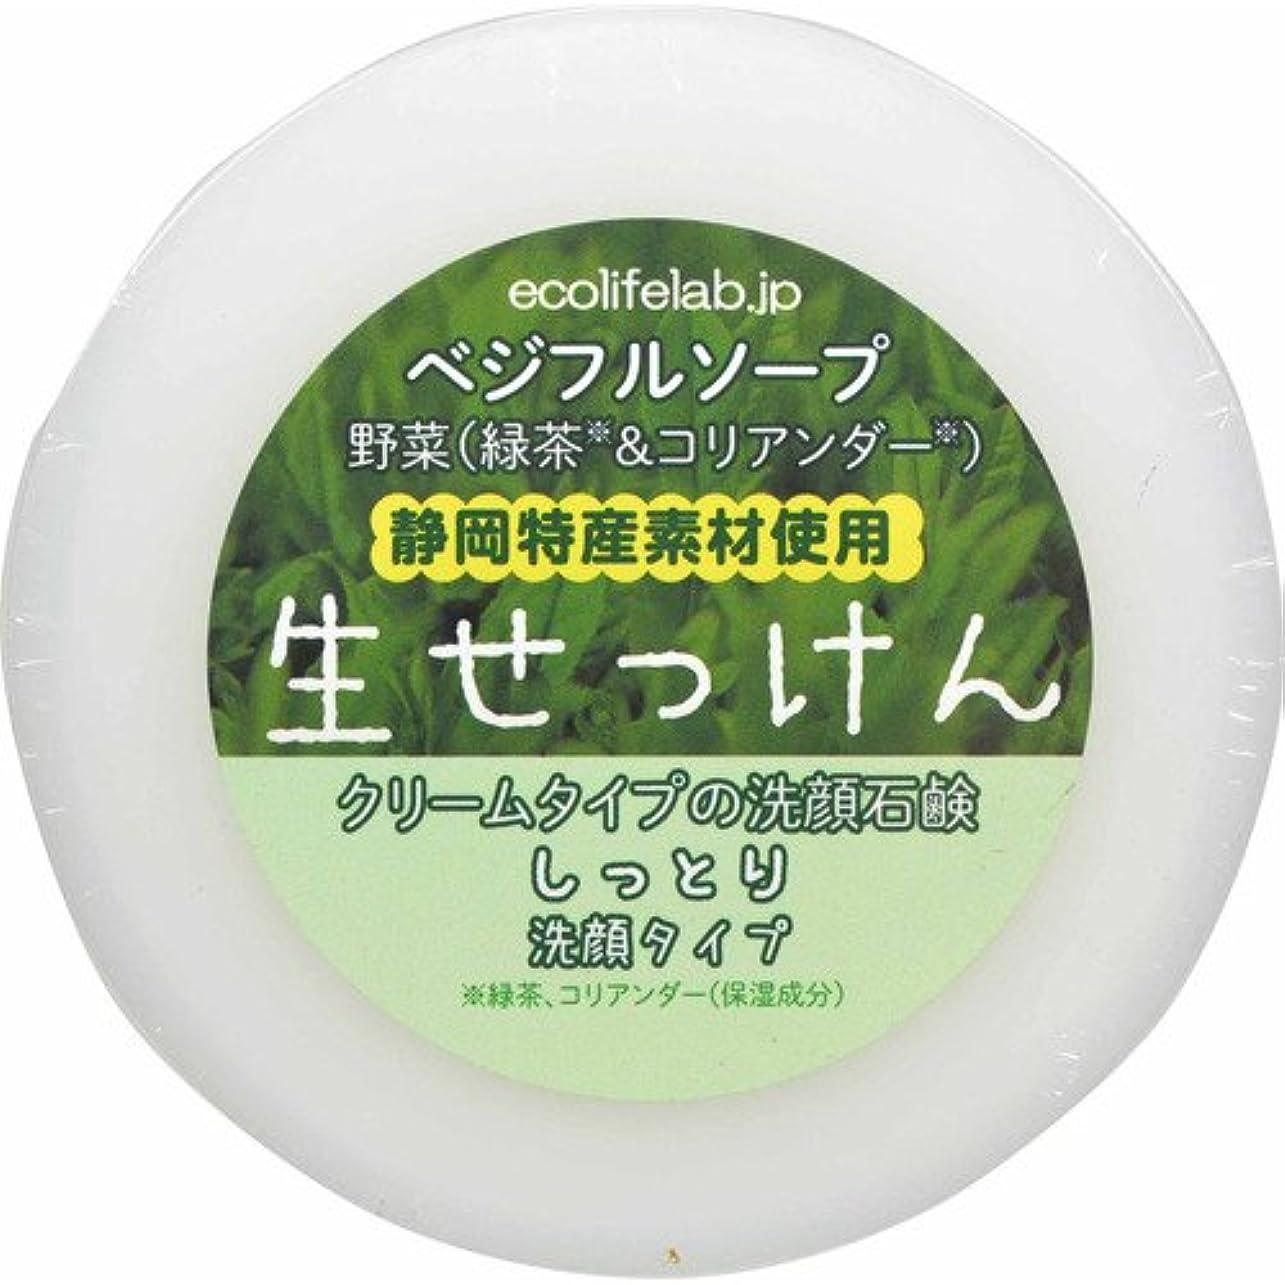 の中で経由でショッピングセンターベジフルソープ 生せっけん(野菜) しっとり洗顔タイプ 100g